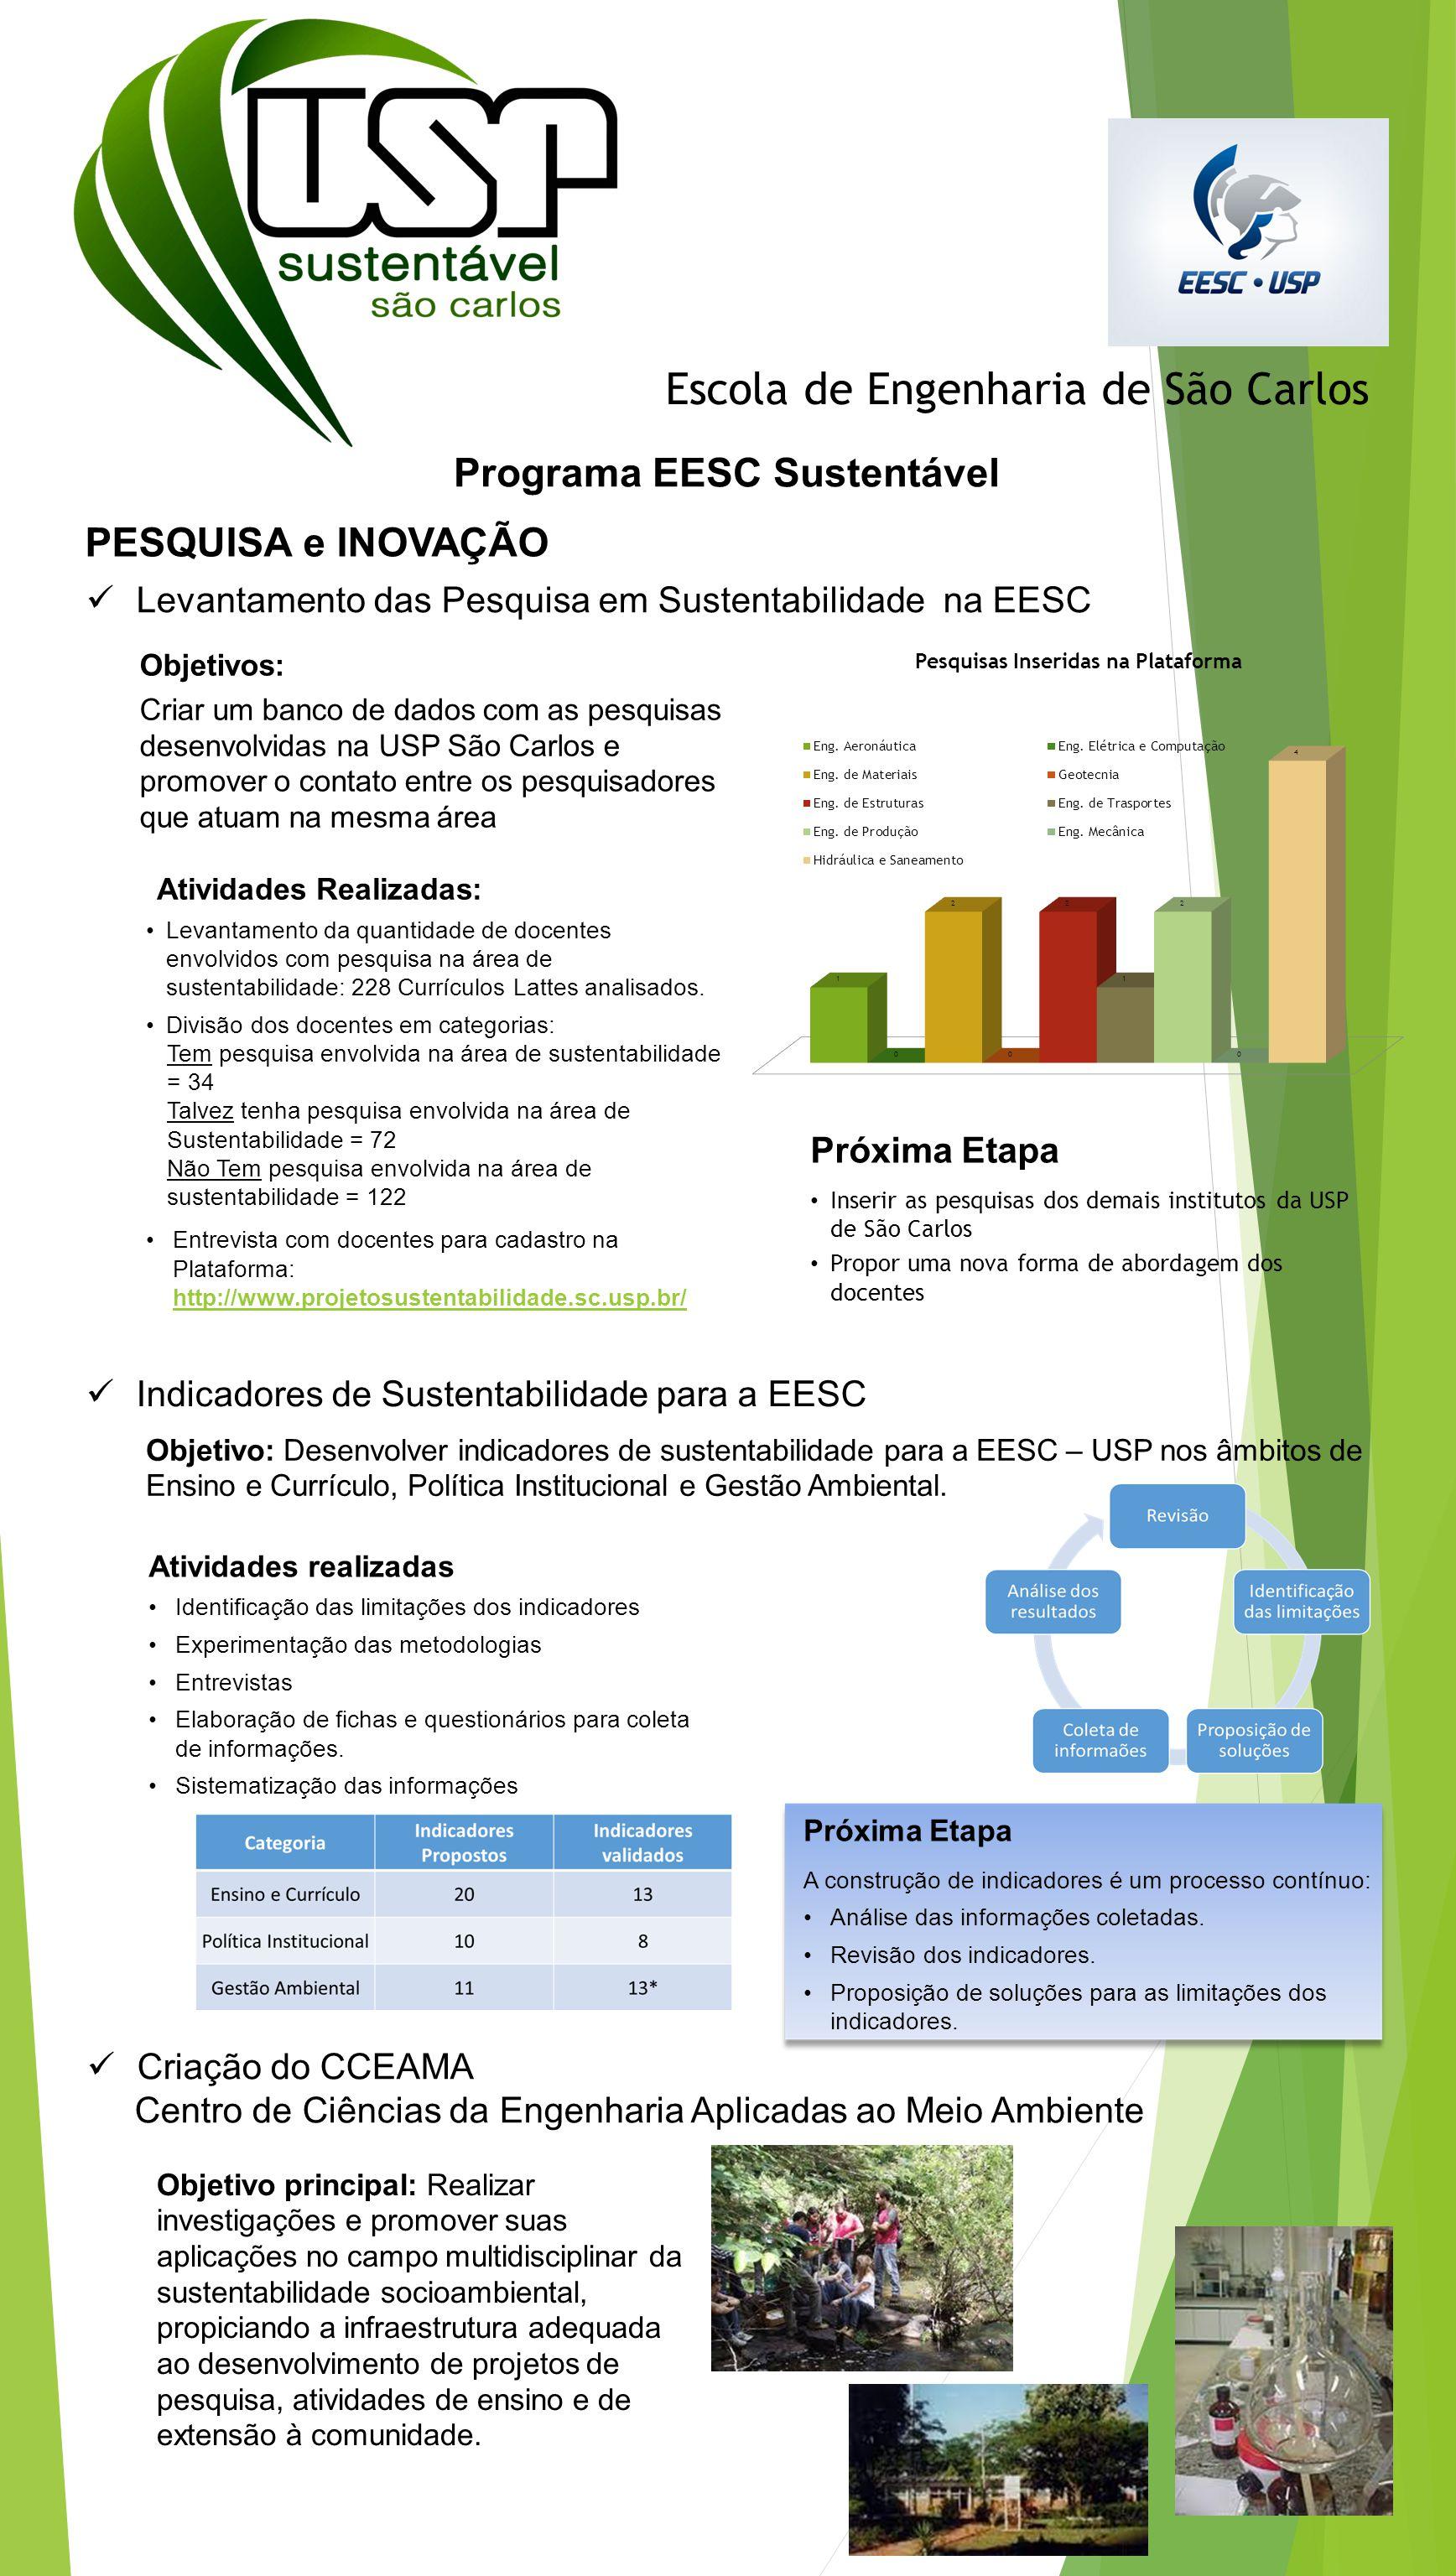 Escola de Engenharia de São Carlos Programa EESC Sustentável Objetivo: Estabelecer parcerias visando a inclusão social, ambiental e digital através da recuperação de equipamentos de informática.